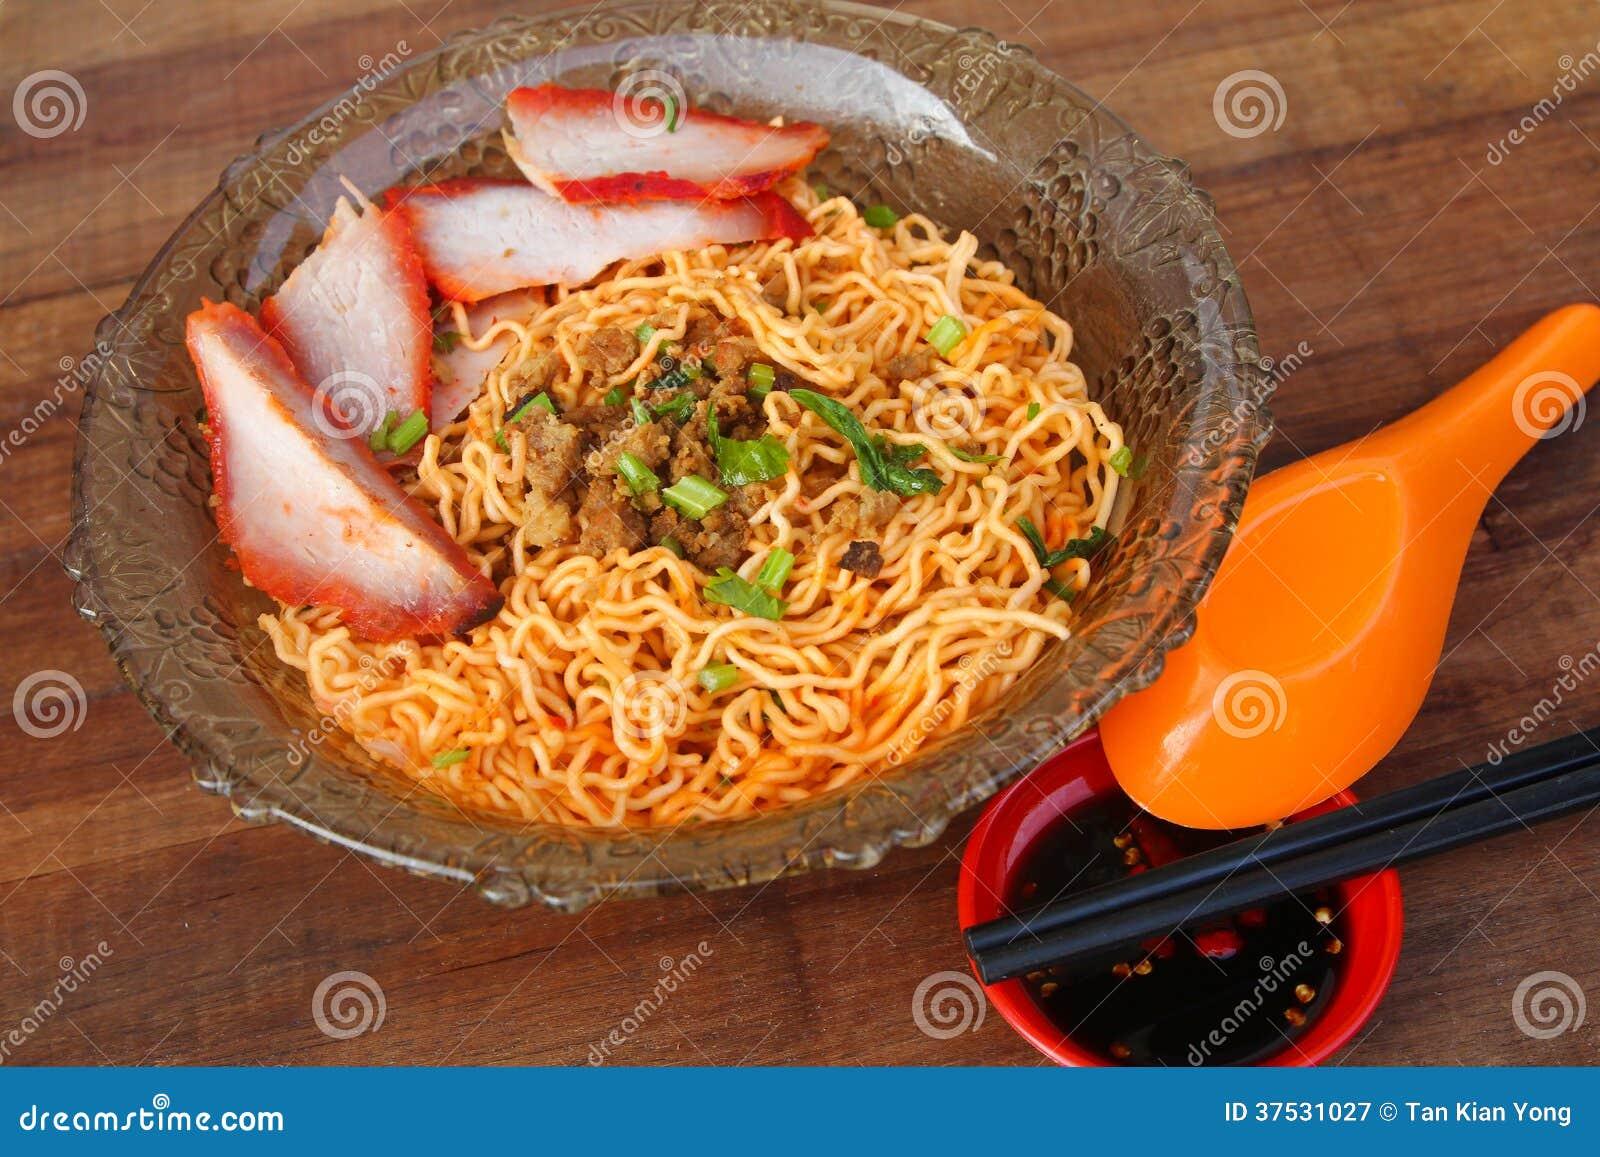 Local cuisine kolo mee in kuching sarawak malaysia stock for X cuisine miri